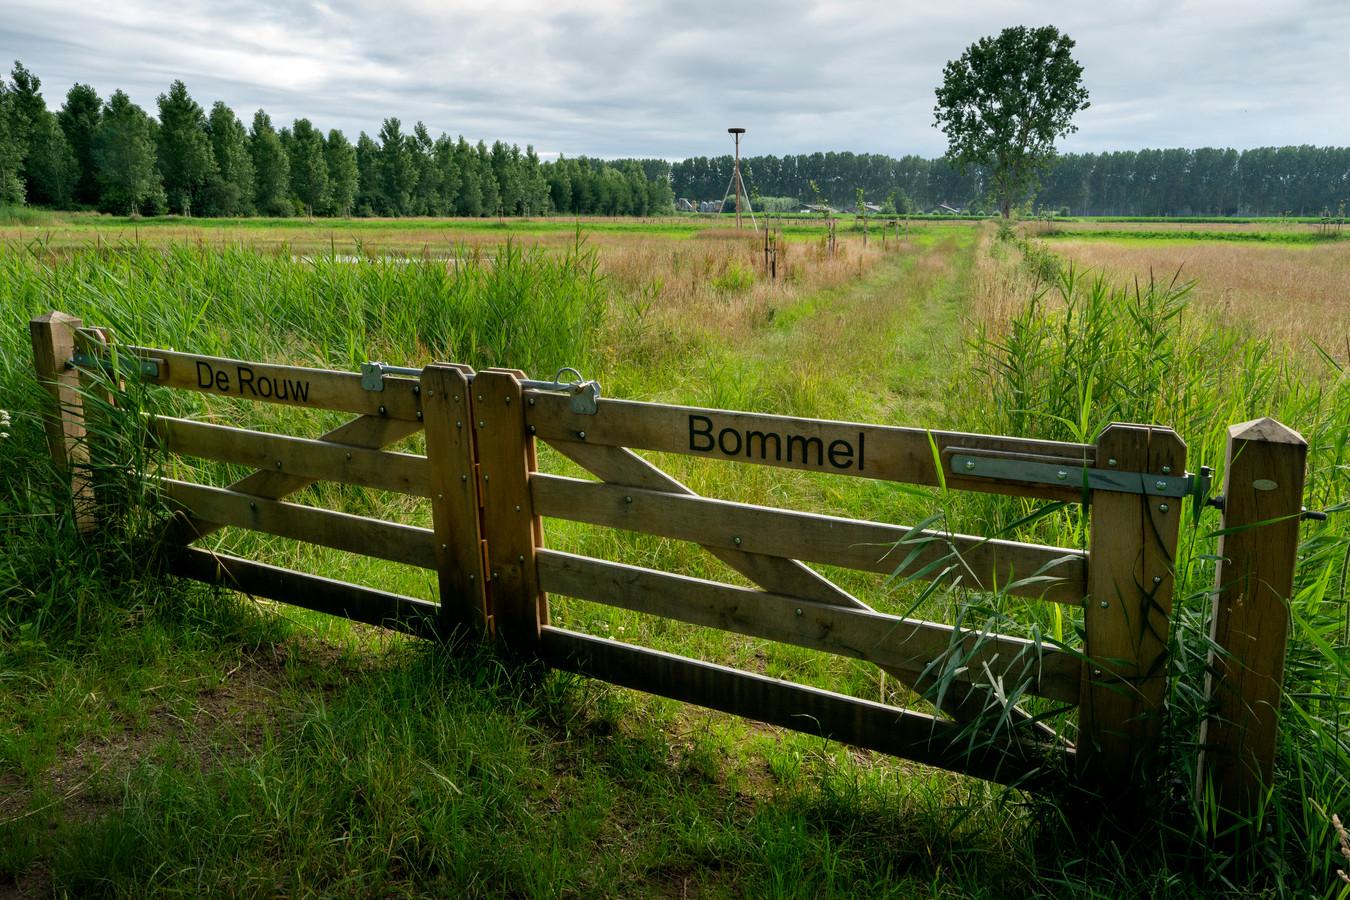 De Rouwbommel in Liempde.